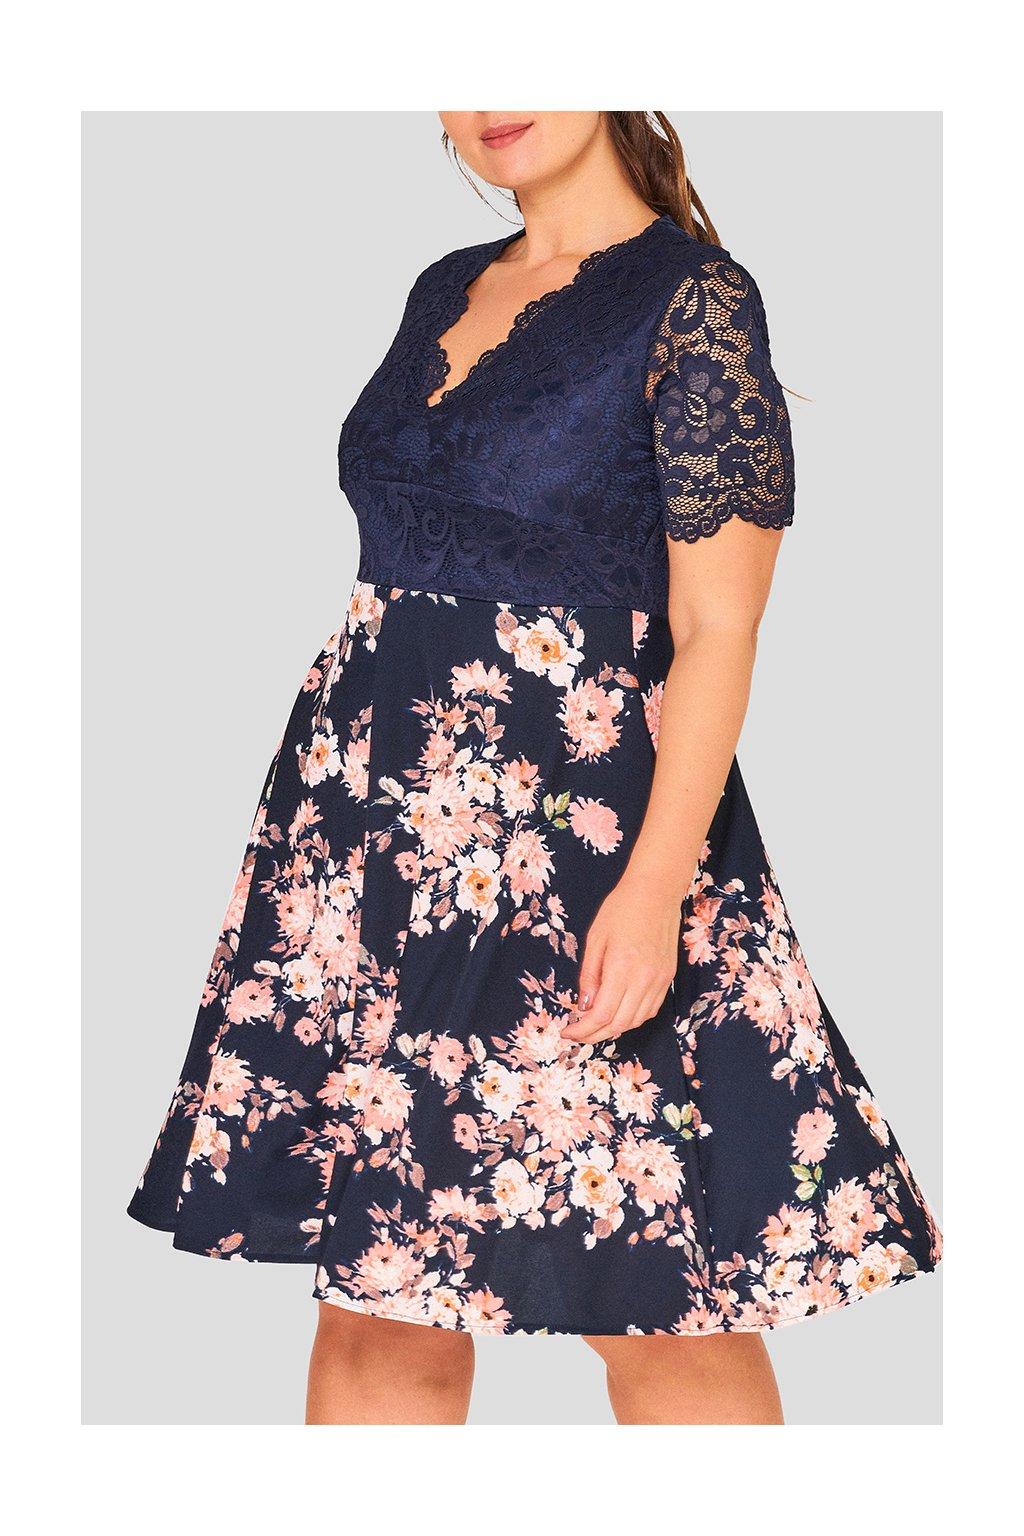 Dámské květinové šaty Cady tmavě modré 1